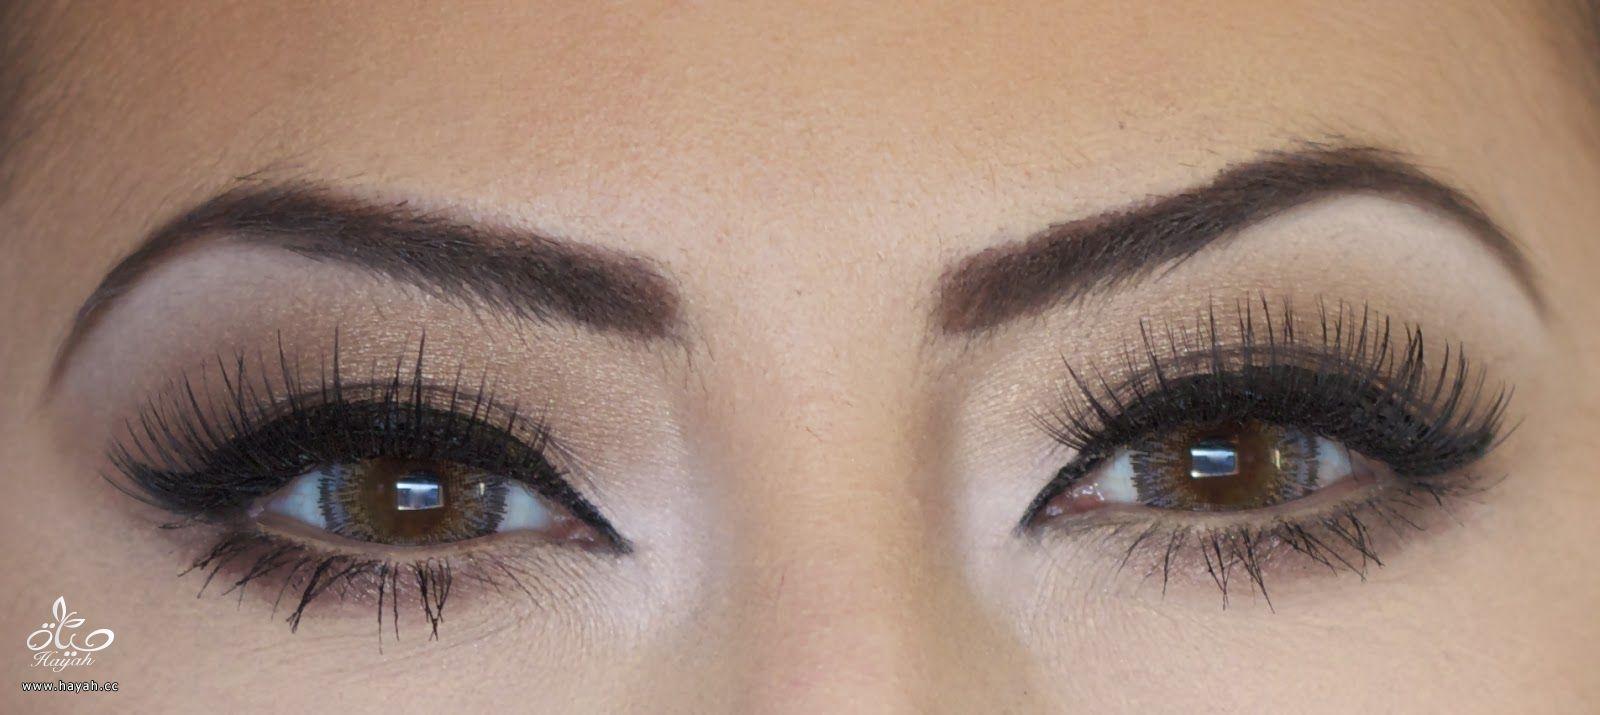 صور صور اجمل عيون بنات , اجمل عيون في الدنيا كله